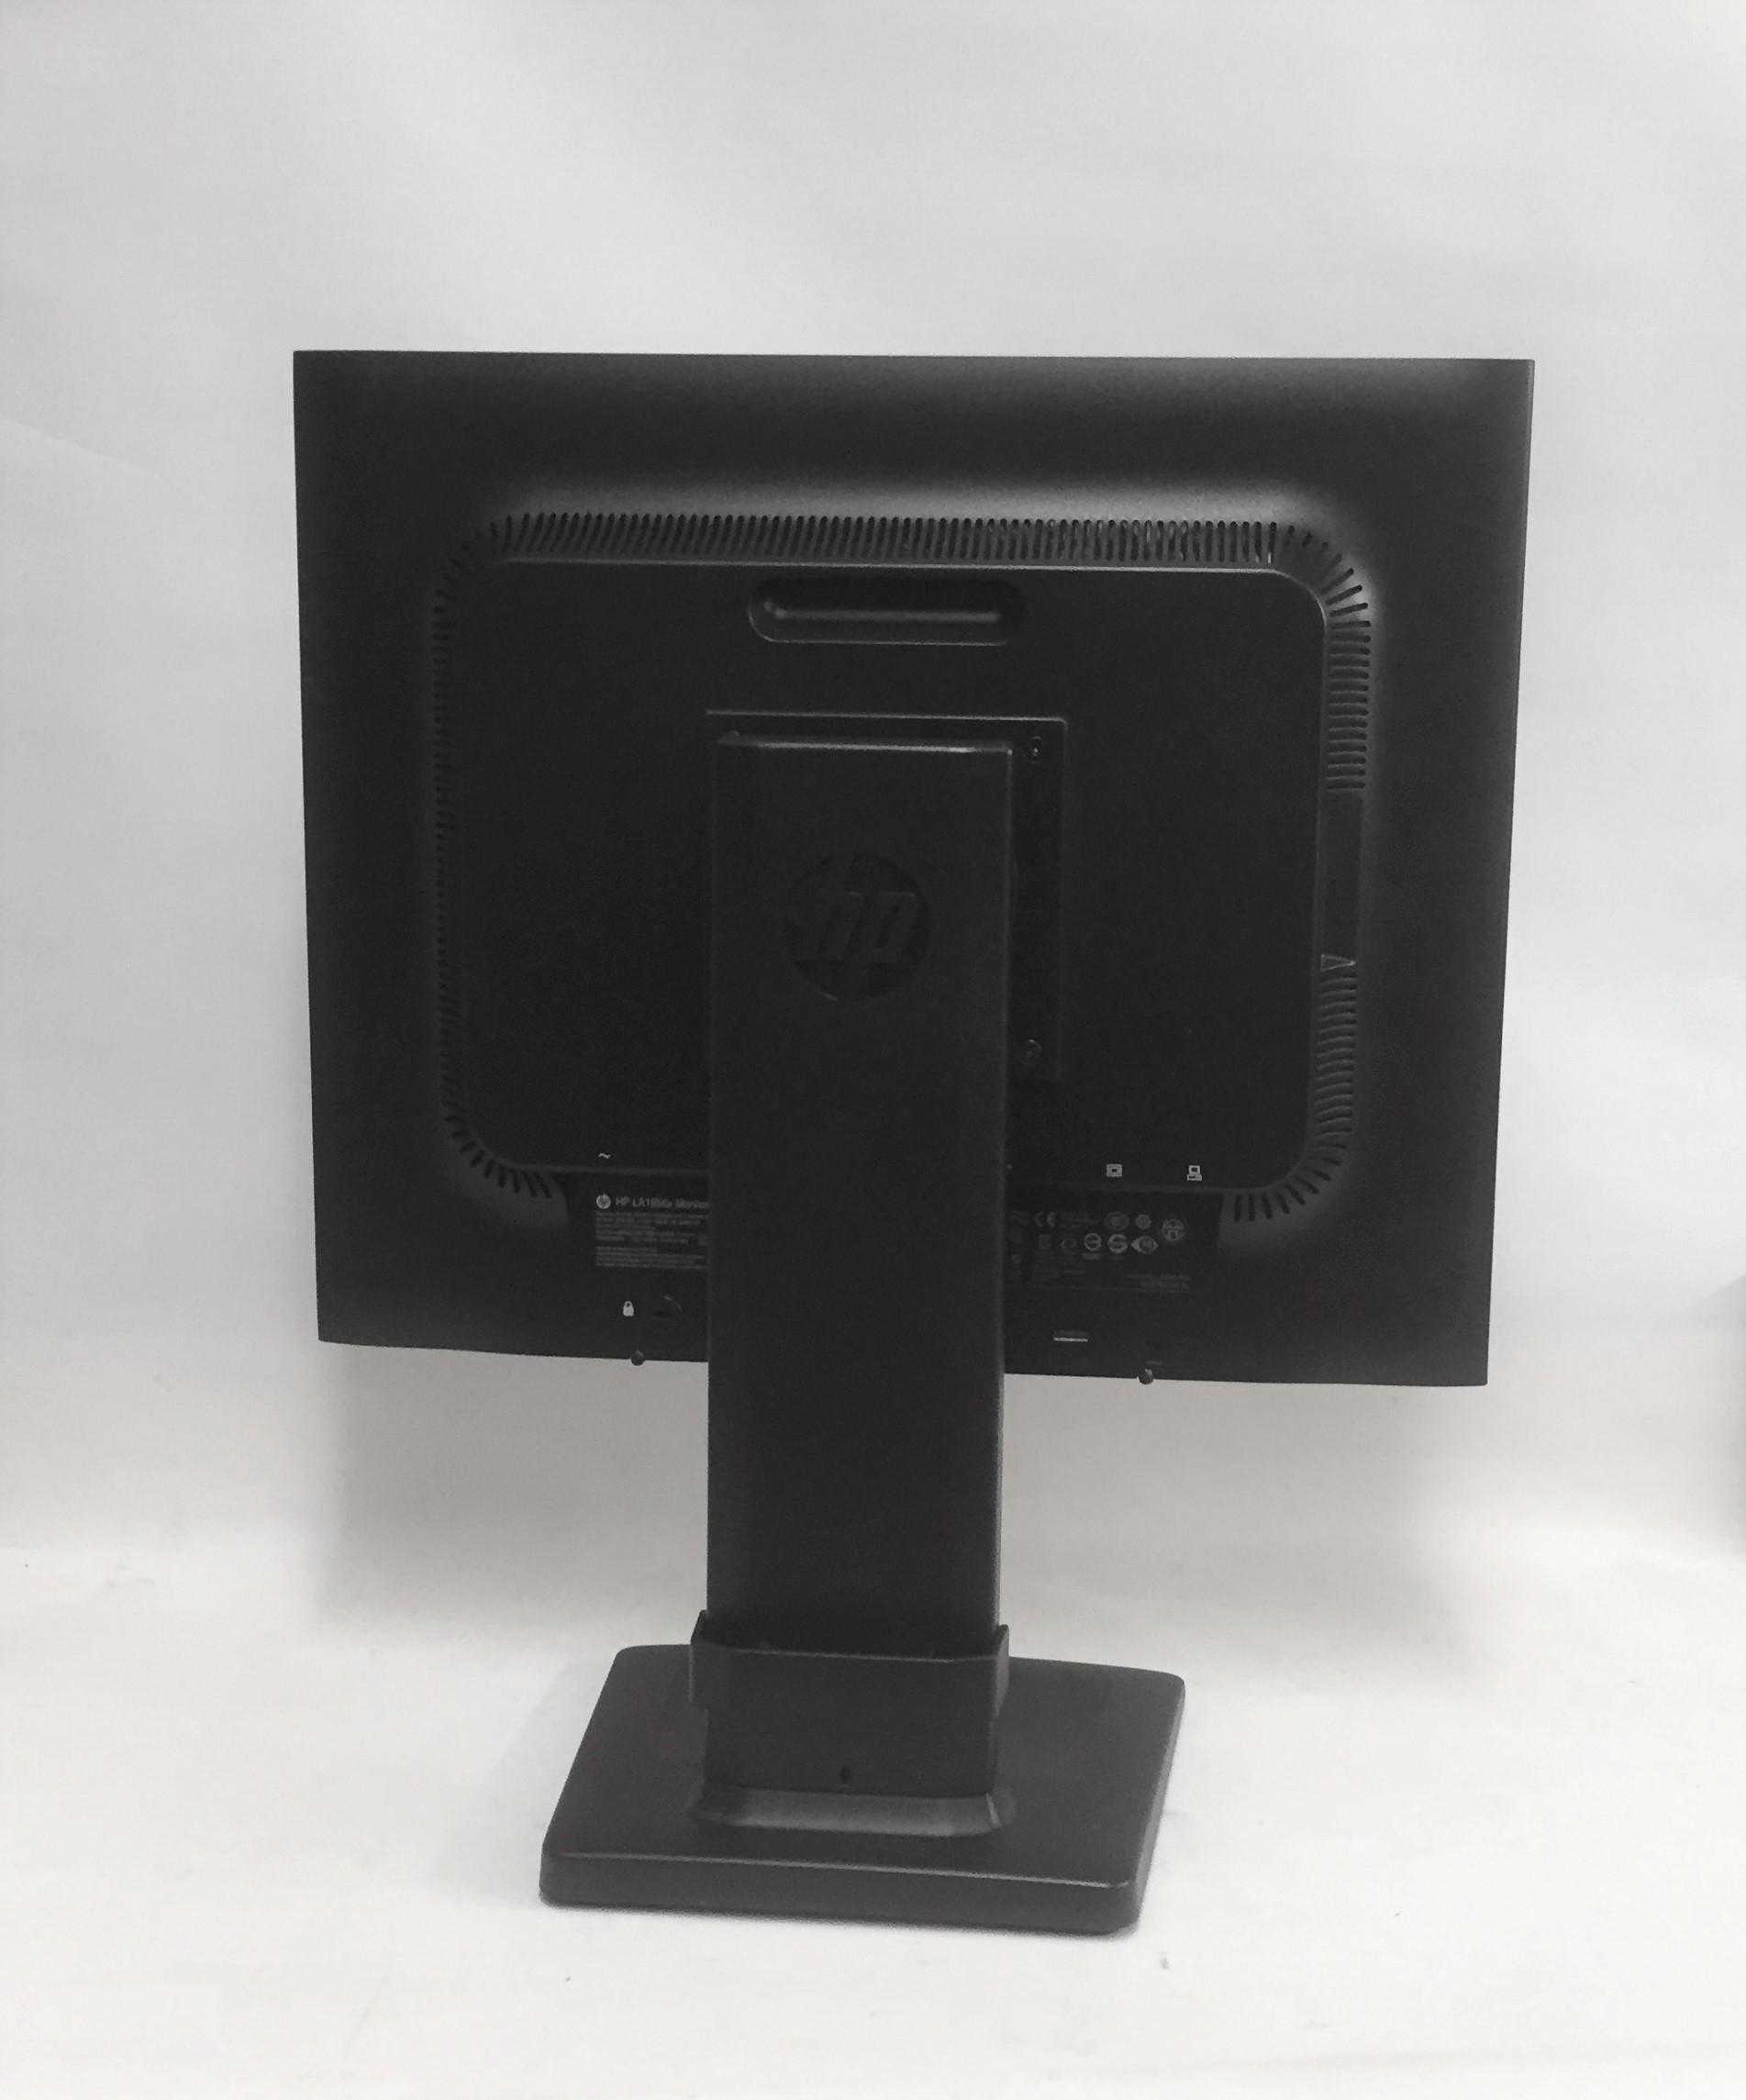 HP LA1956x No 4